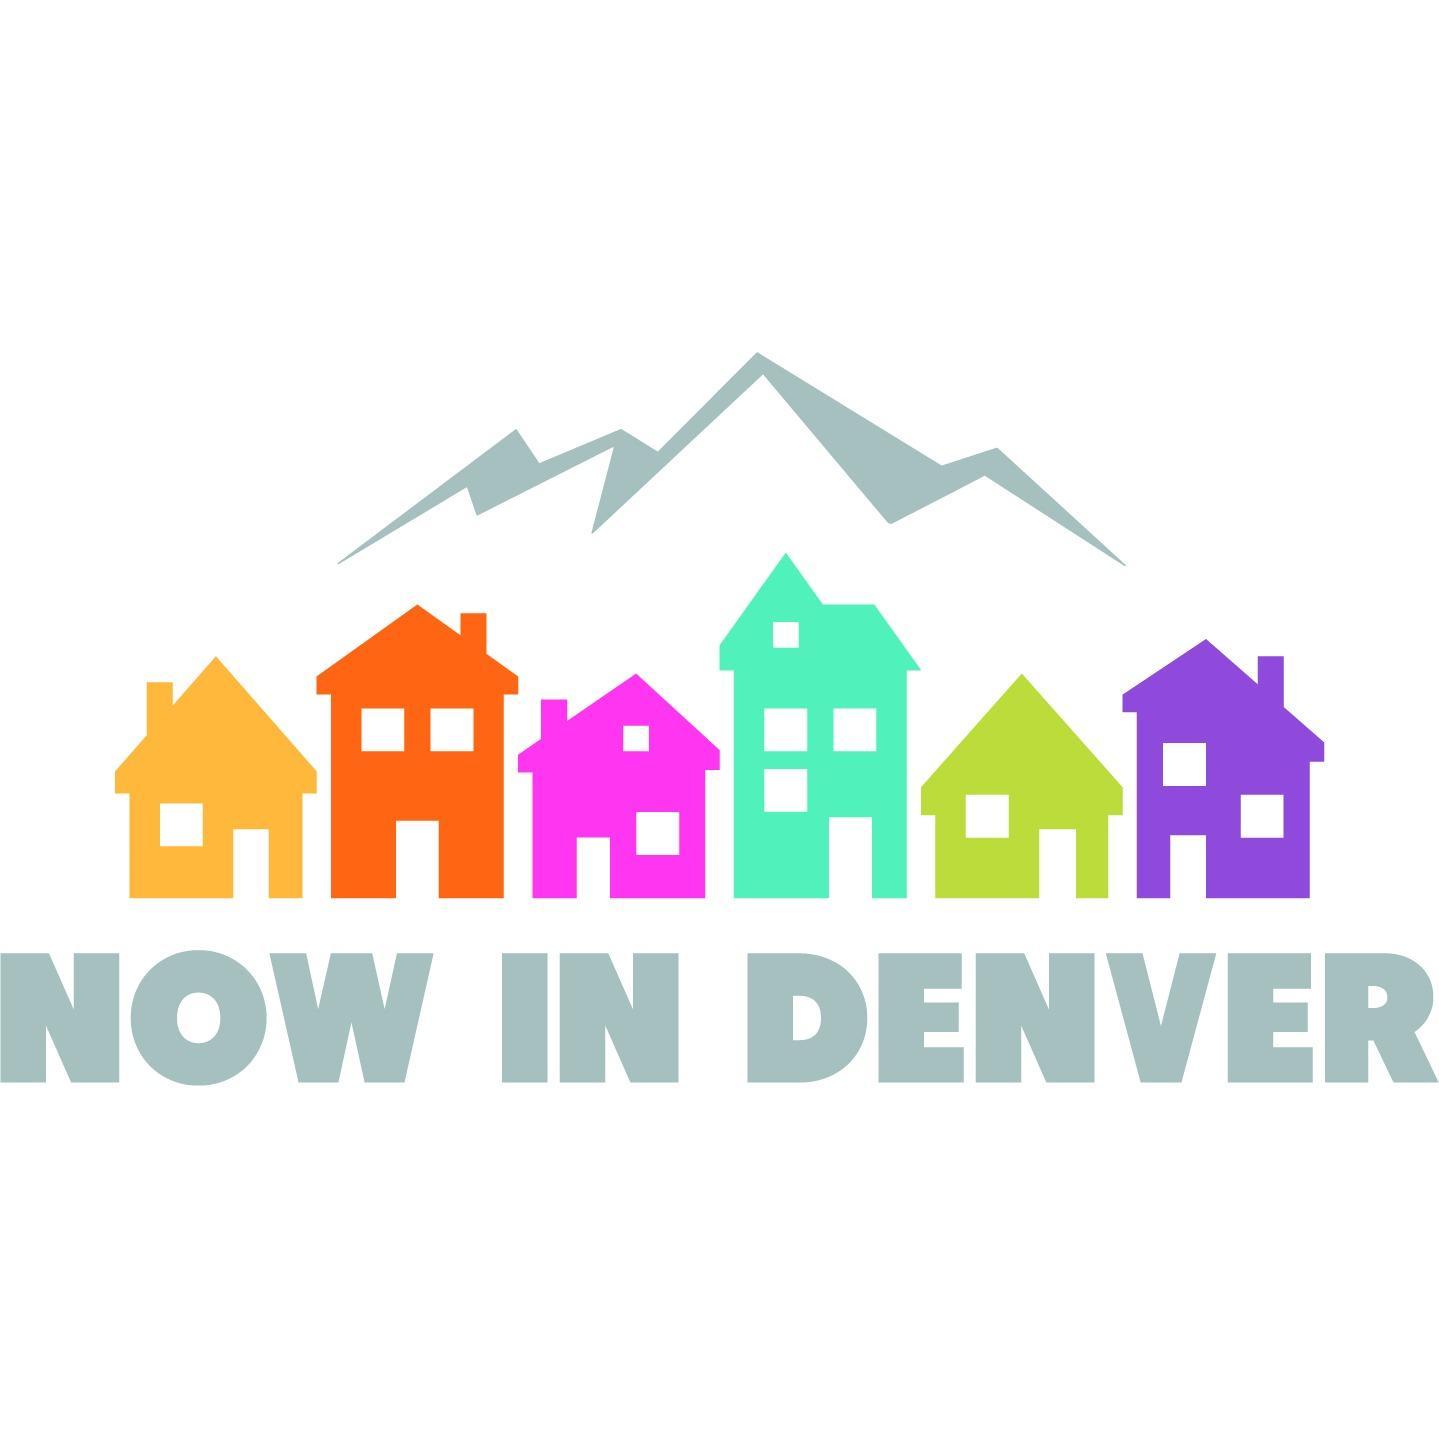 Now In Denver - Denver, CO - Real Estate Agents